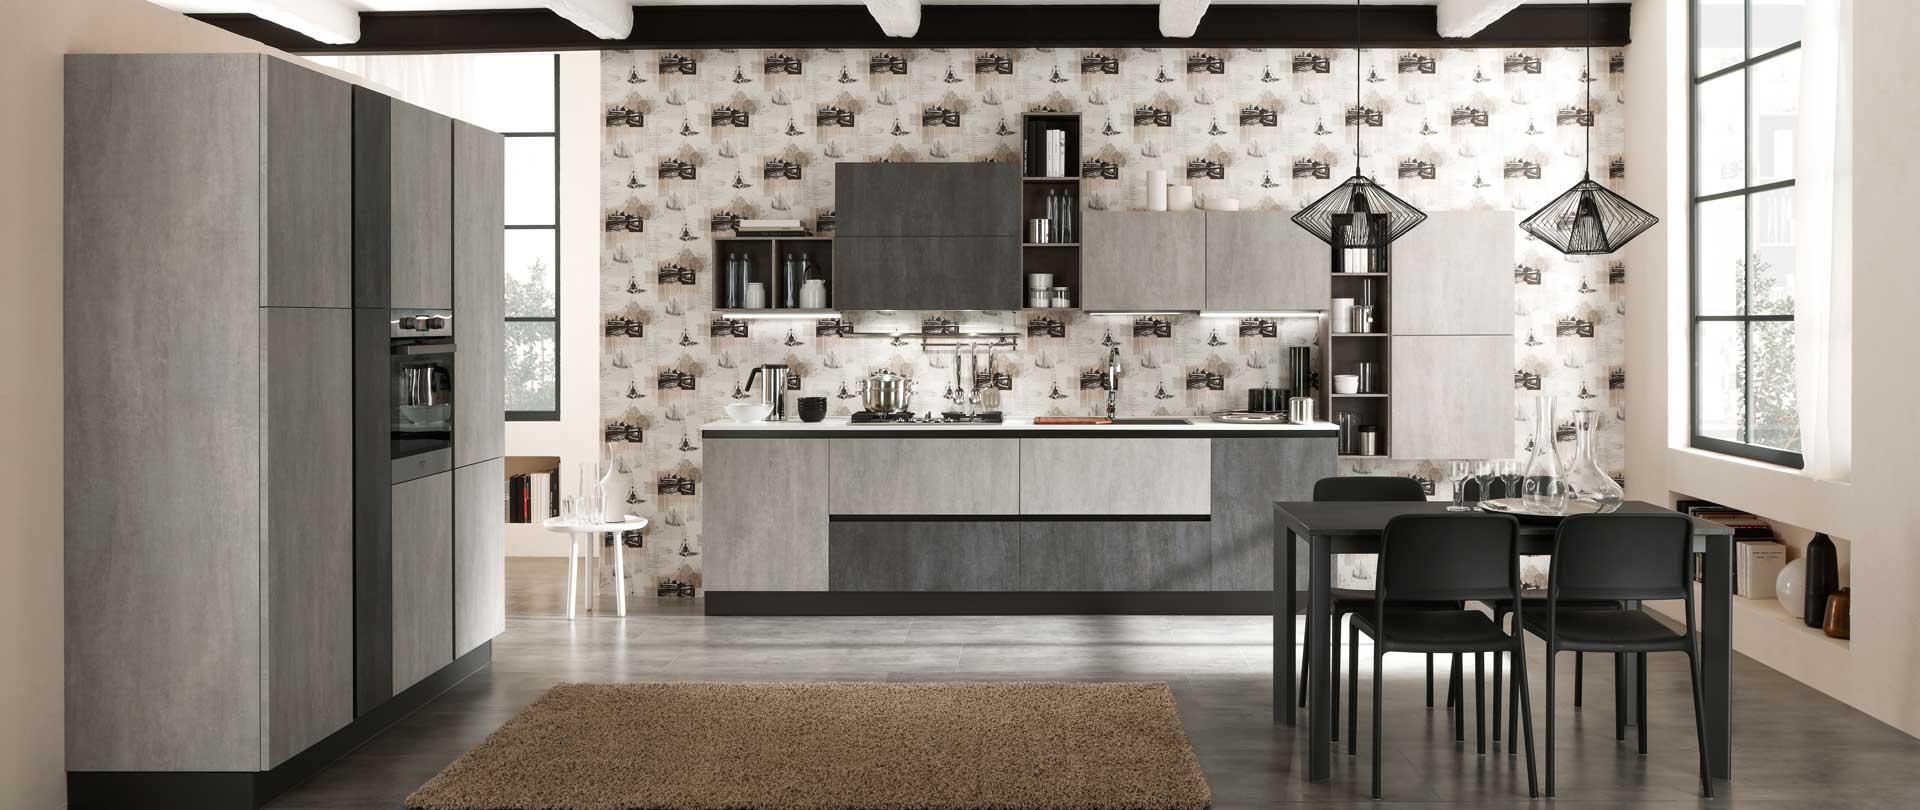 cucina-moderna-zen-argento-e-lavagna-cemento